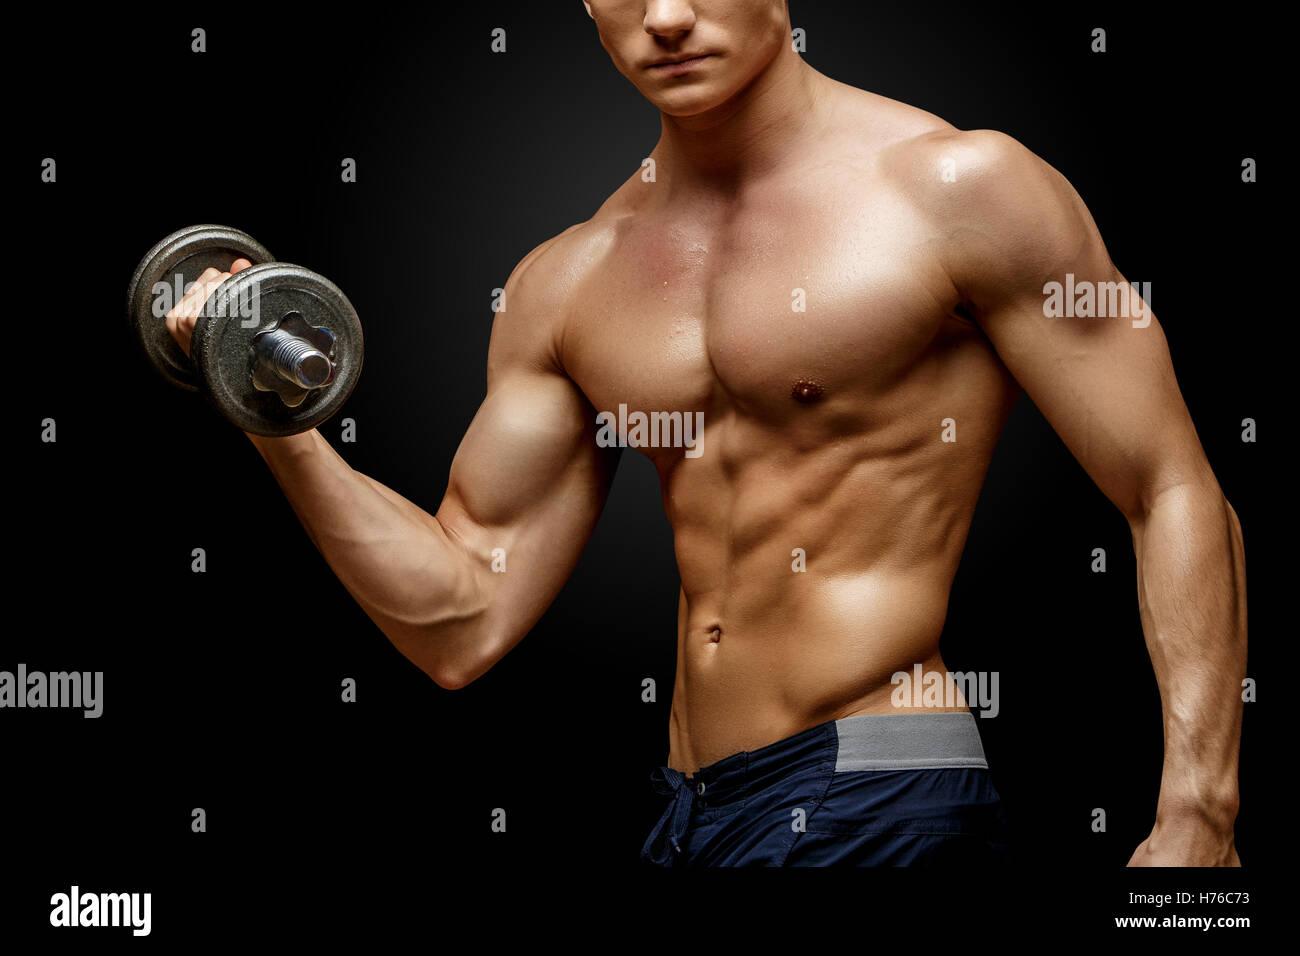 Pecs Arms Biceps Stock Photos Pecs Arms Biceps Stock Images Alamy